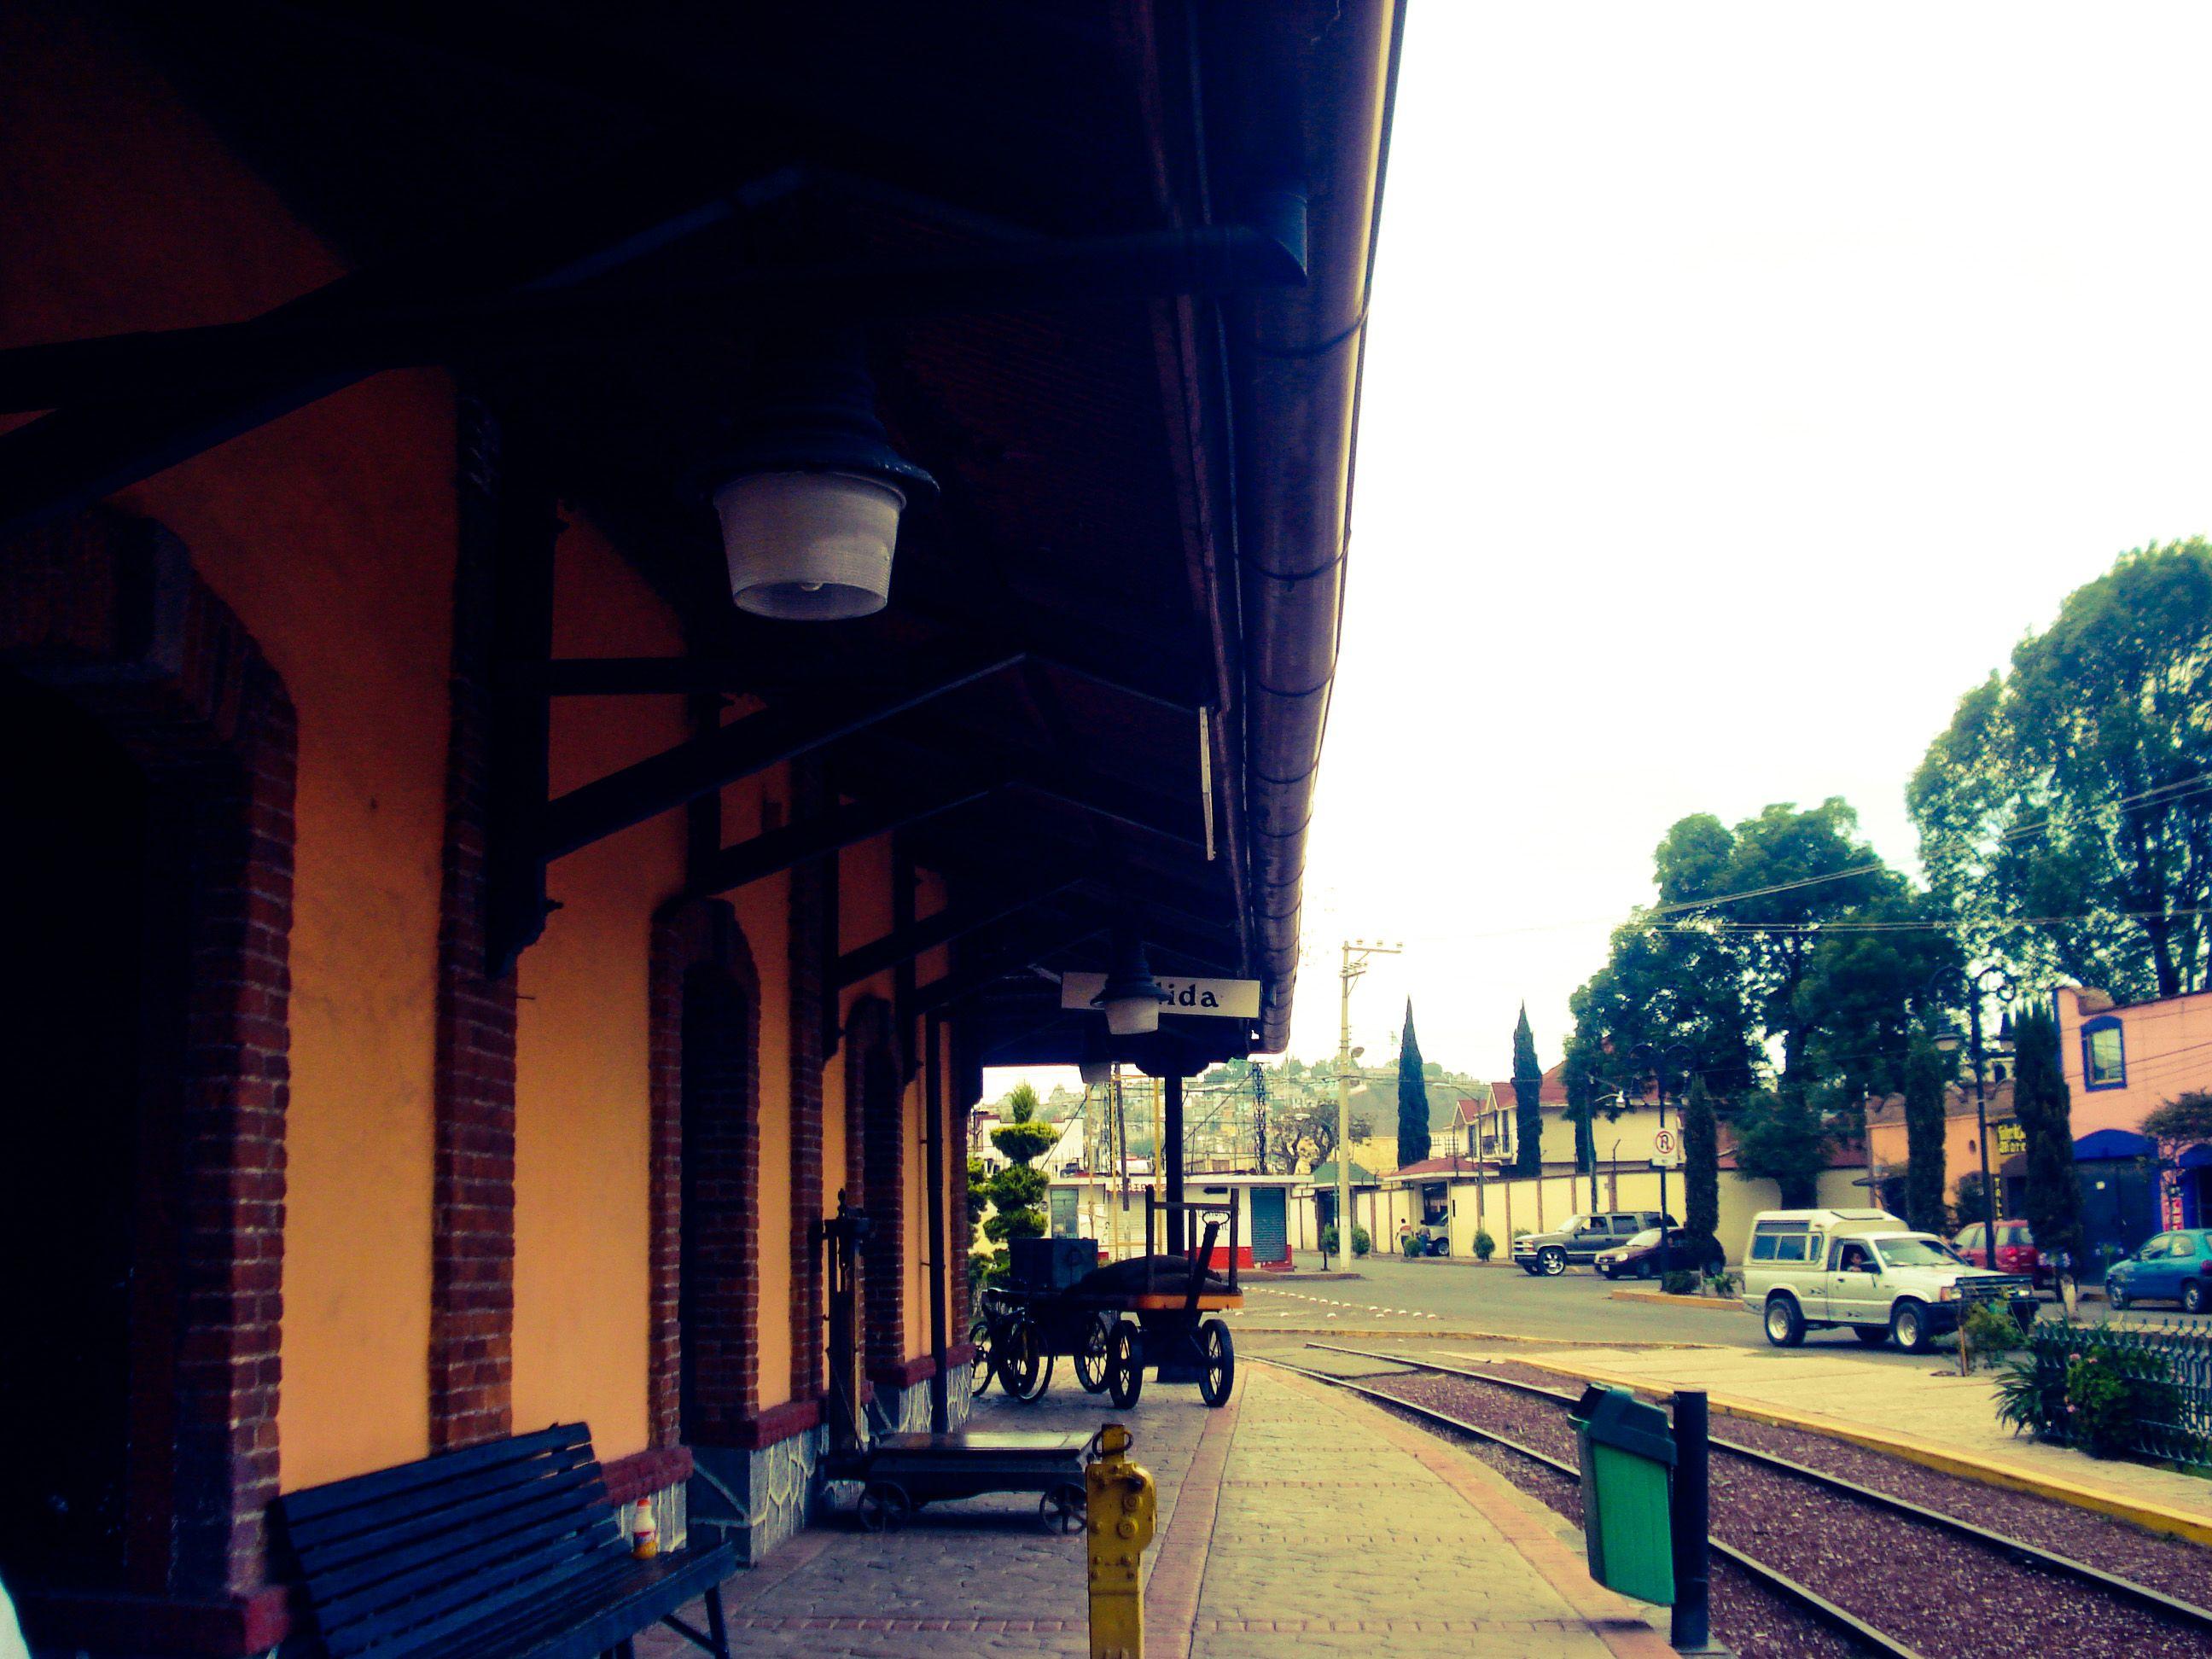 Estaci N De Tren Tulancingo Hgo Rincones De M Xico Pinterest  # Muebles Tulancingo